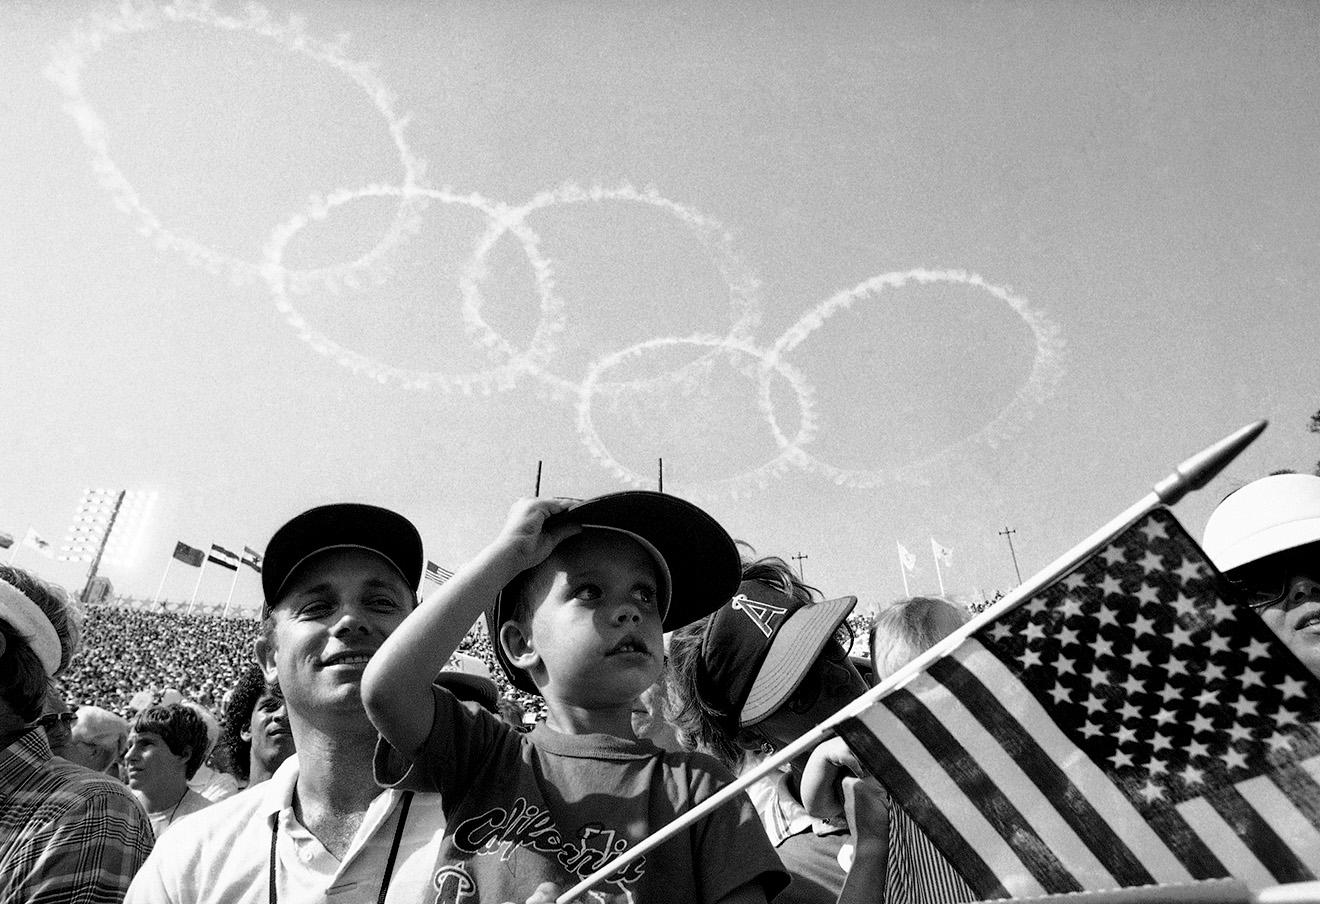 Открытие олимпийских игр в Лос-Анджелесе в 1984 году. Фото: Diether Endlicher / AP